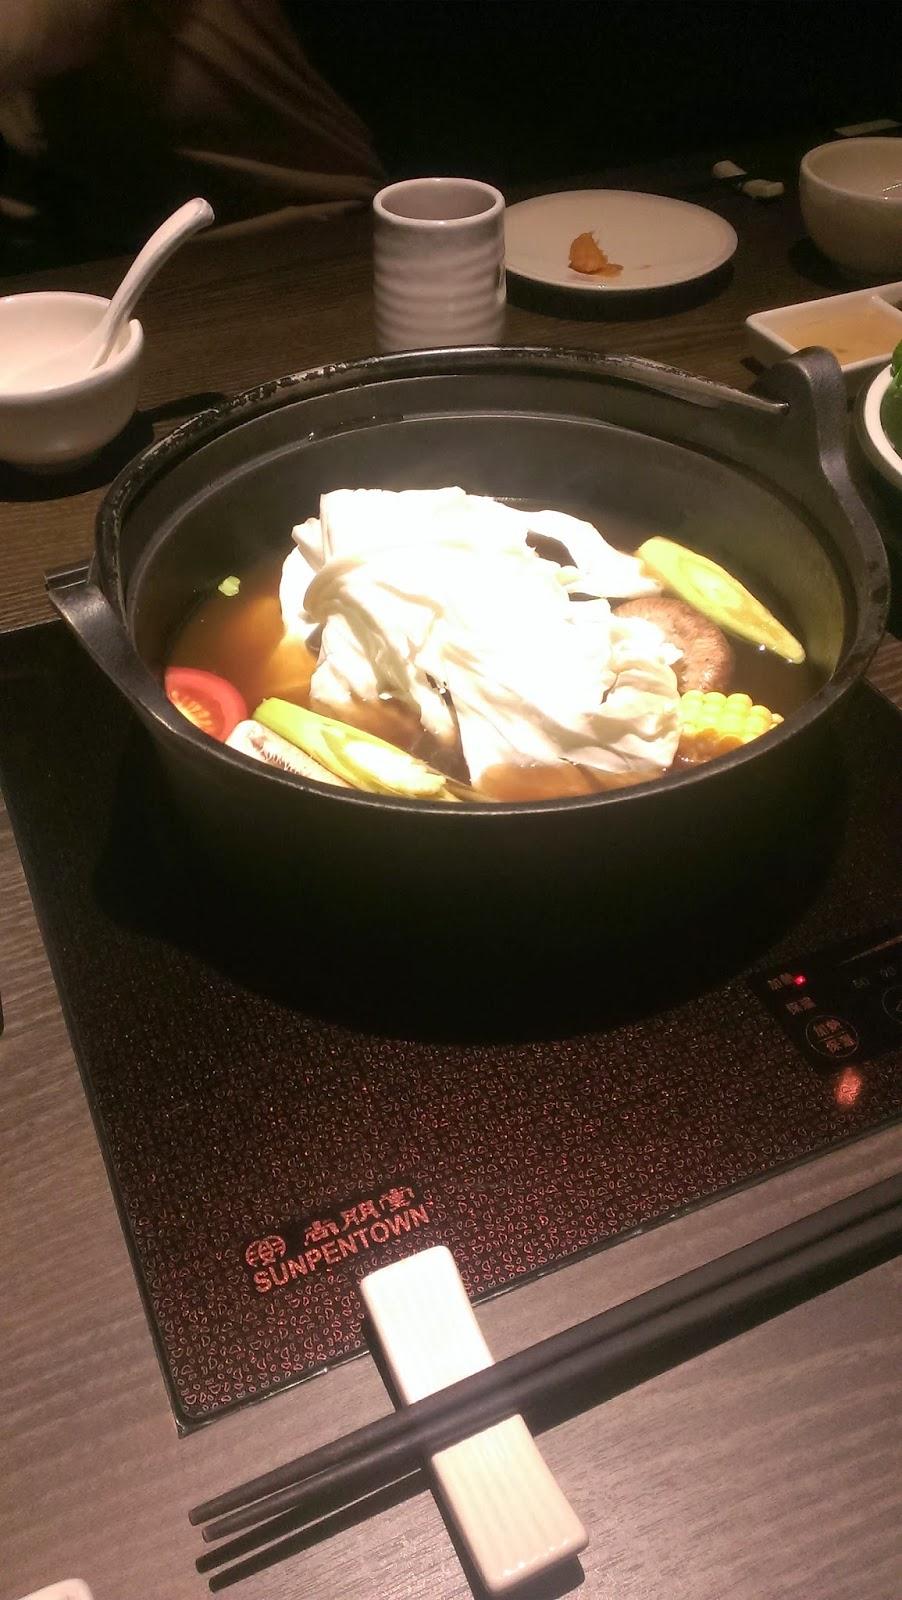 2014 11 08%2B18.34.54 - [食記] 香聚鍋 - 高價、精緻的火鍋,食材新鮮多樣適合好久不見的小聚